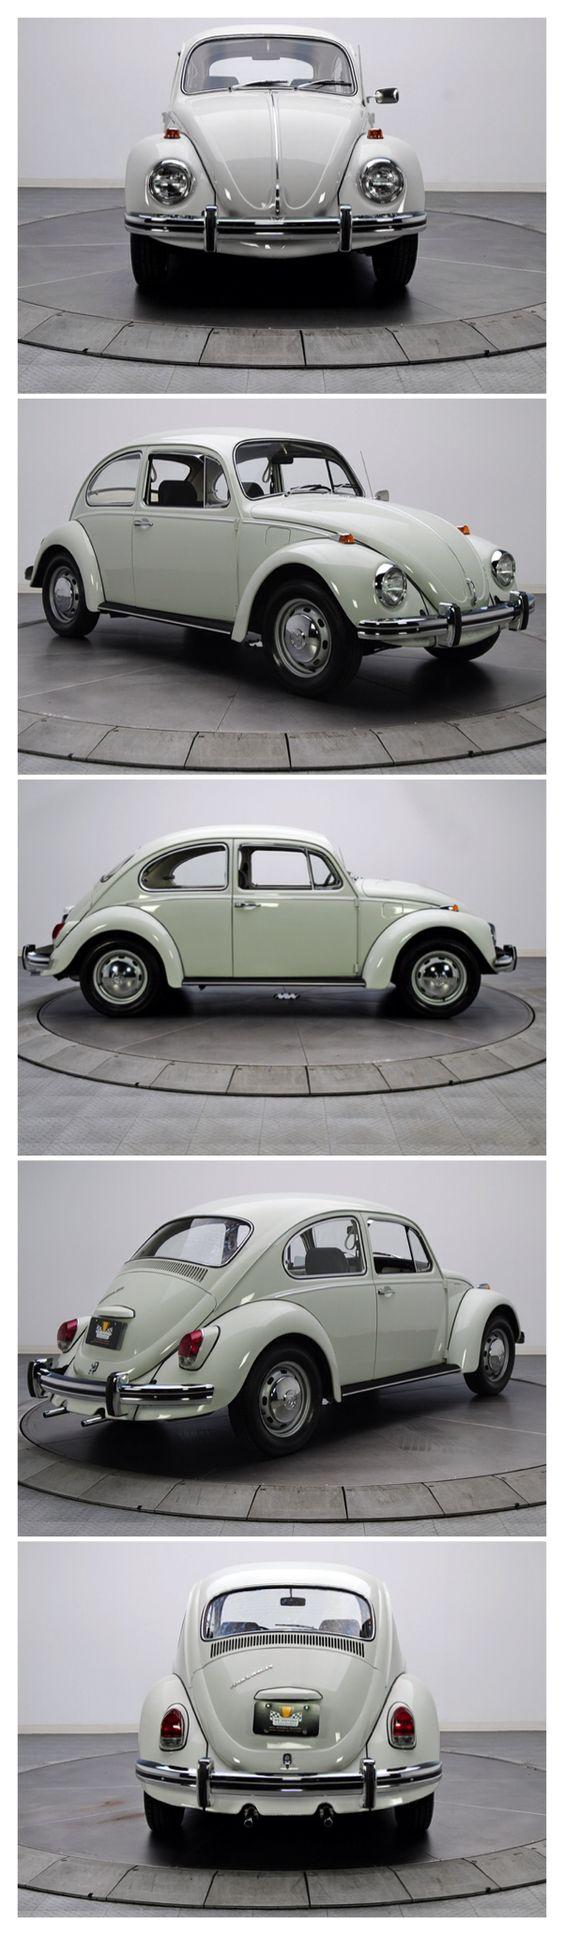 1969 Käfer